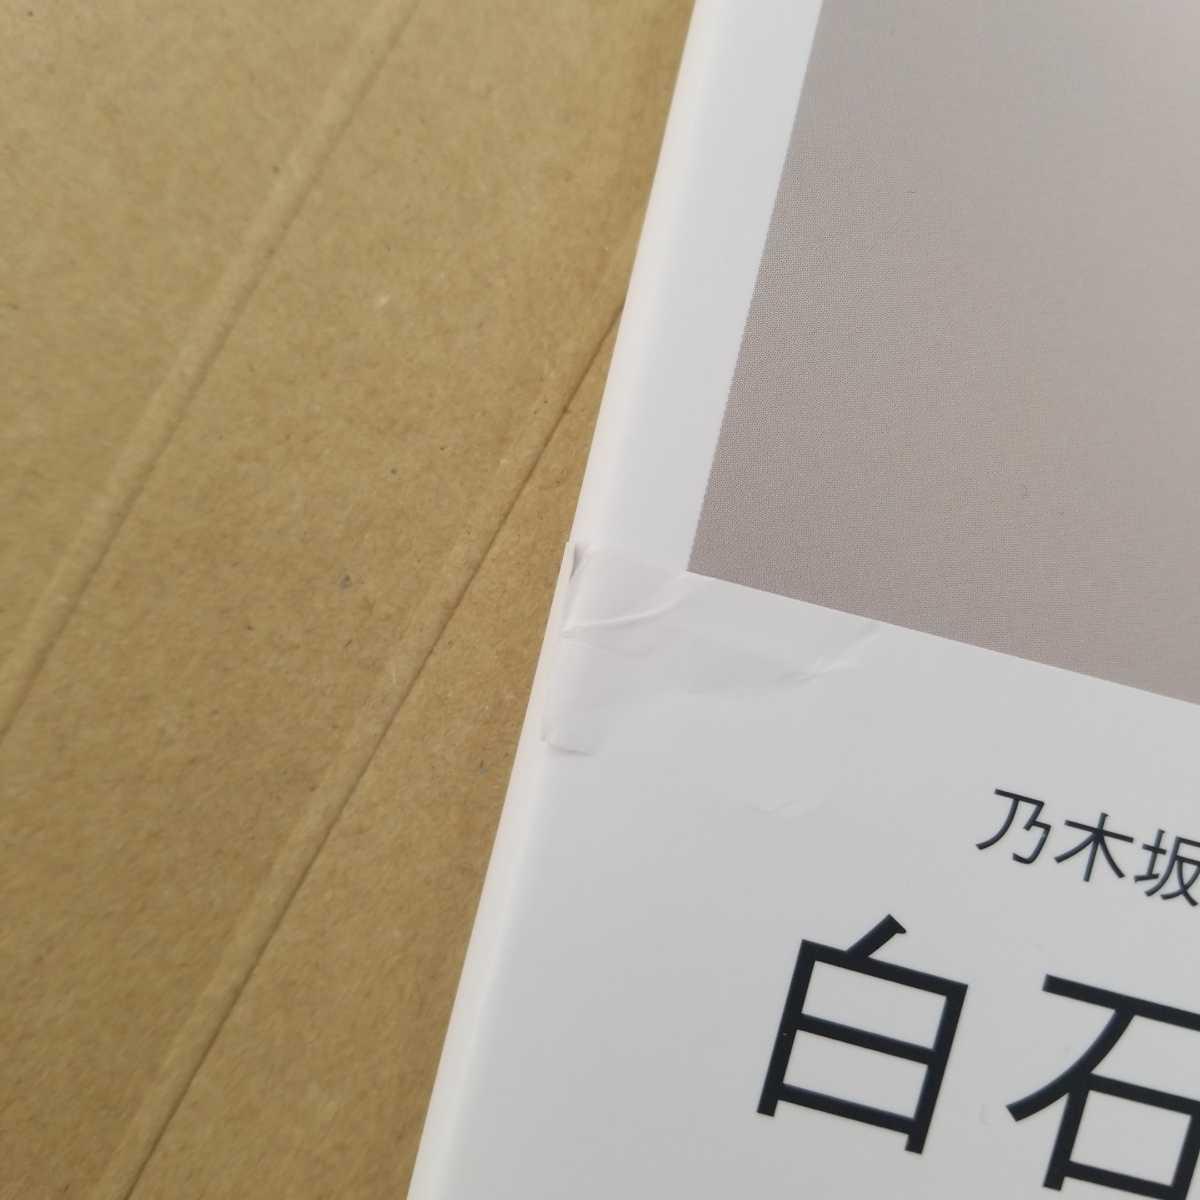 白石麻衣 パスポート 写真集 初版 ポストカードあり 帯付き